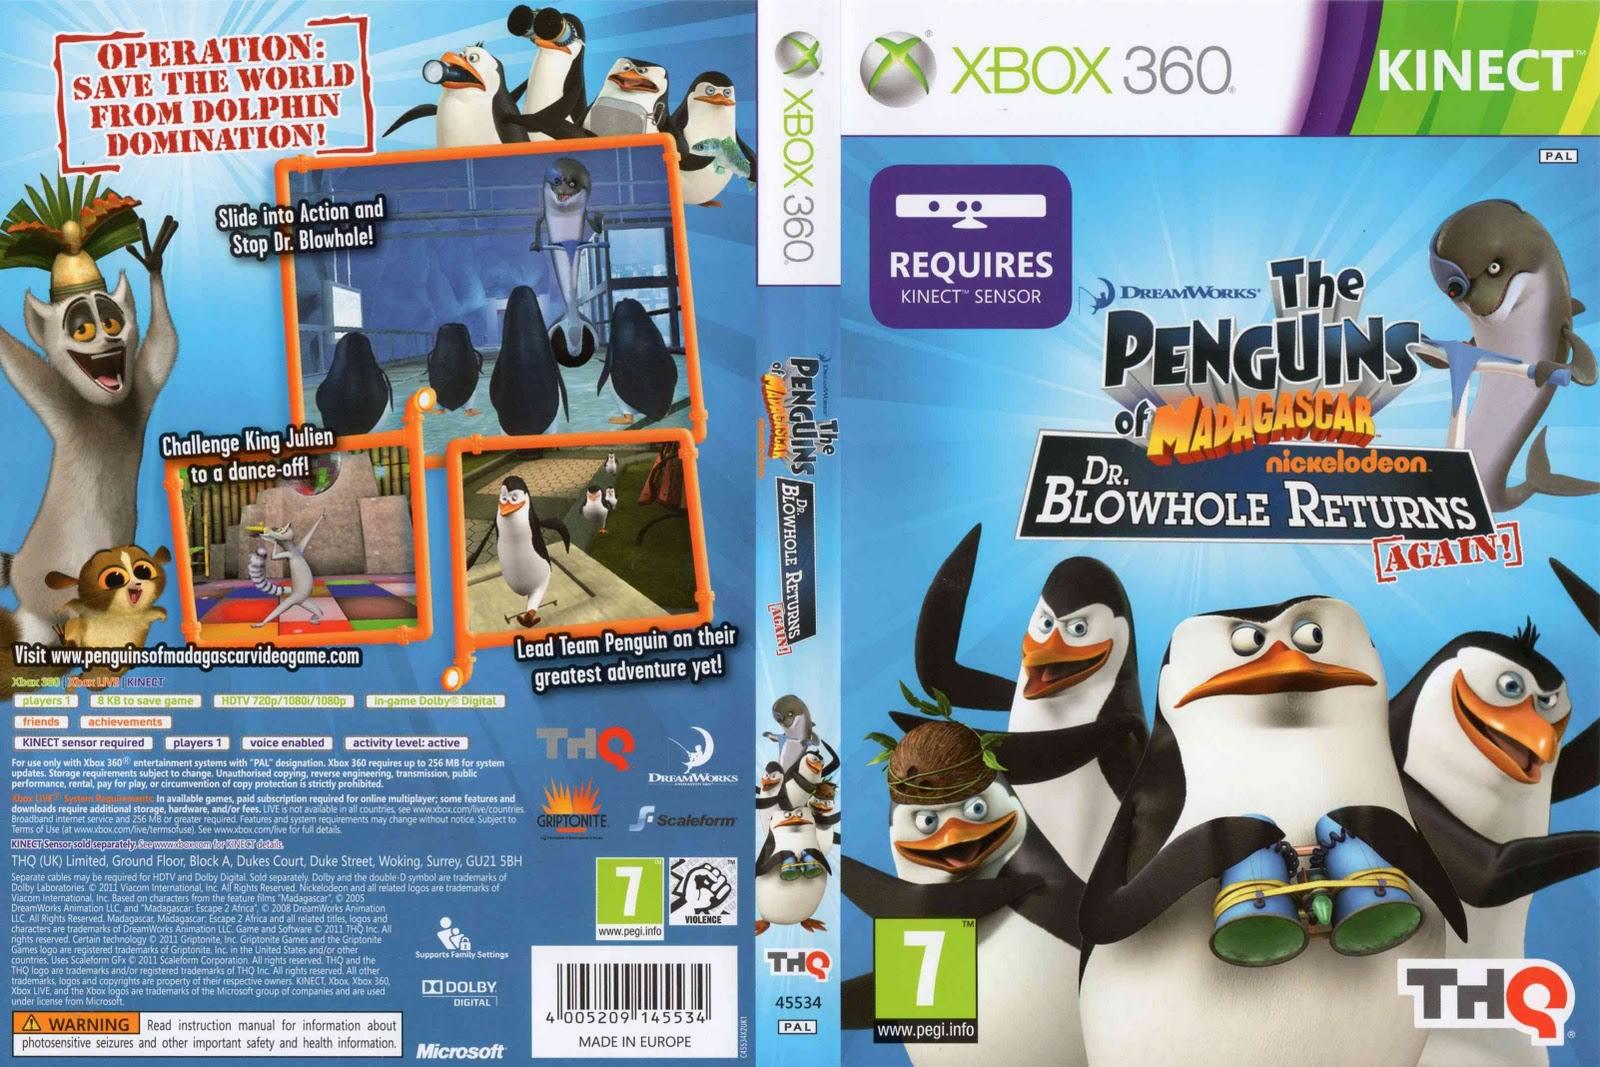 http://2.bp.blogspot.com/-ufKWe2GAVfI/UKJW6nSrygI/AAAAAAAAA8A/uohBxVZu09Y/s1600/146+-+Os+Pinguins+de+Madagascar.jpg